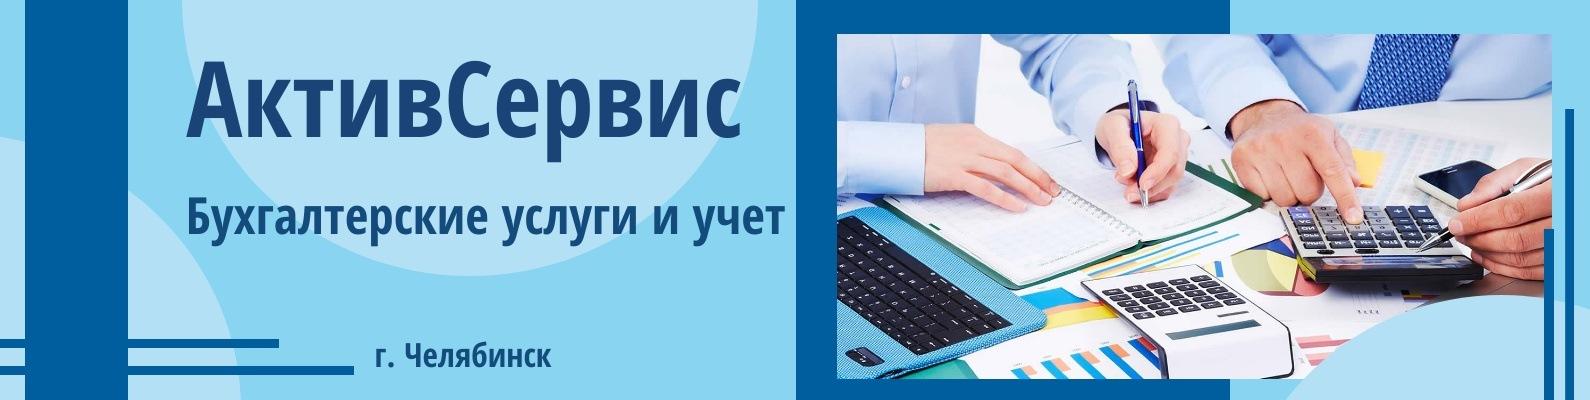 Бухгалтерский услуги для ип челябинск it аутсорсинг коммерческое предложение